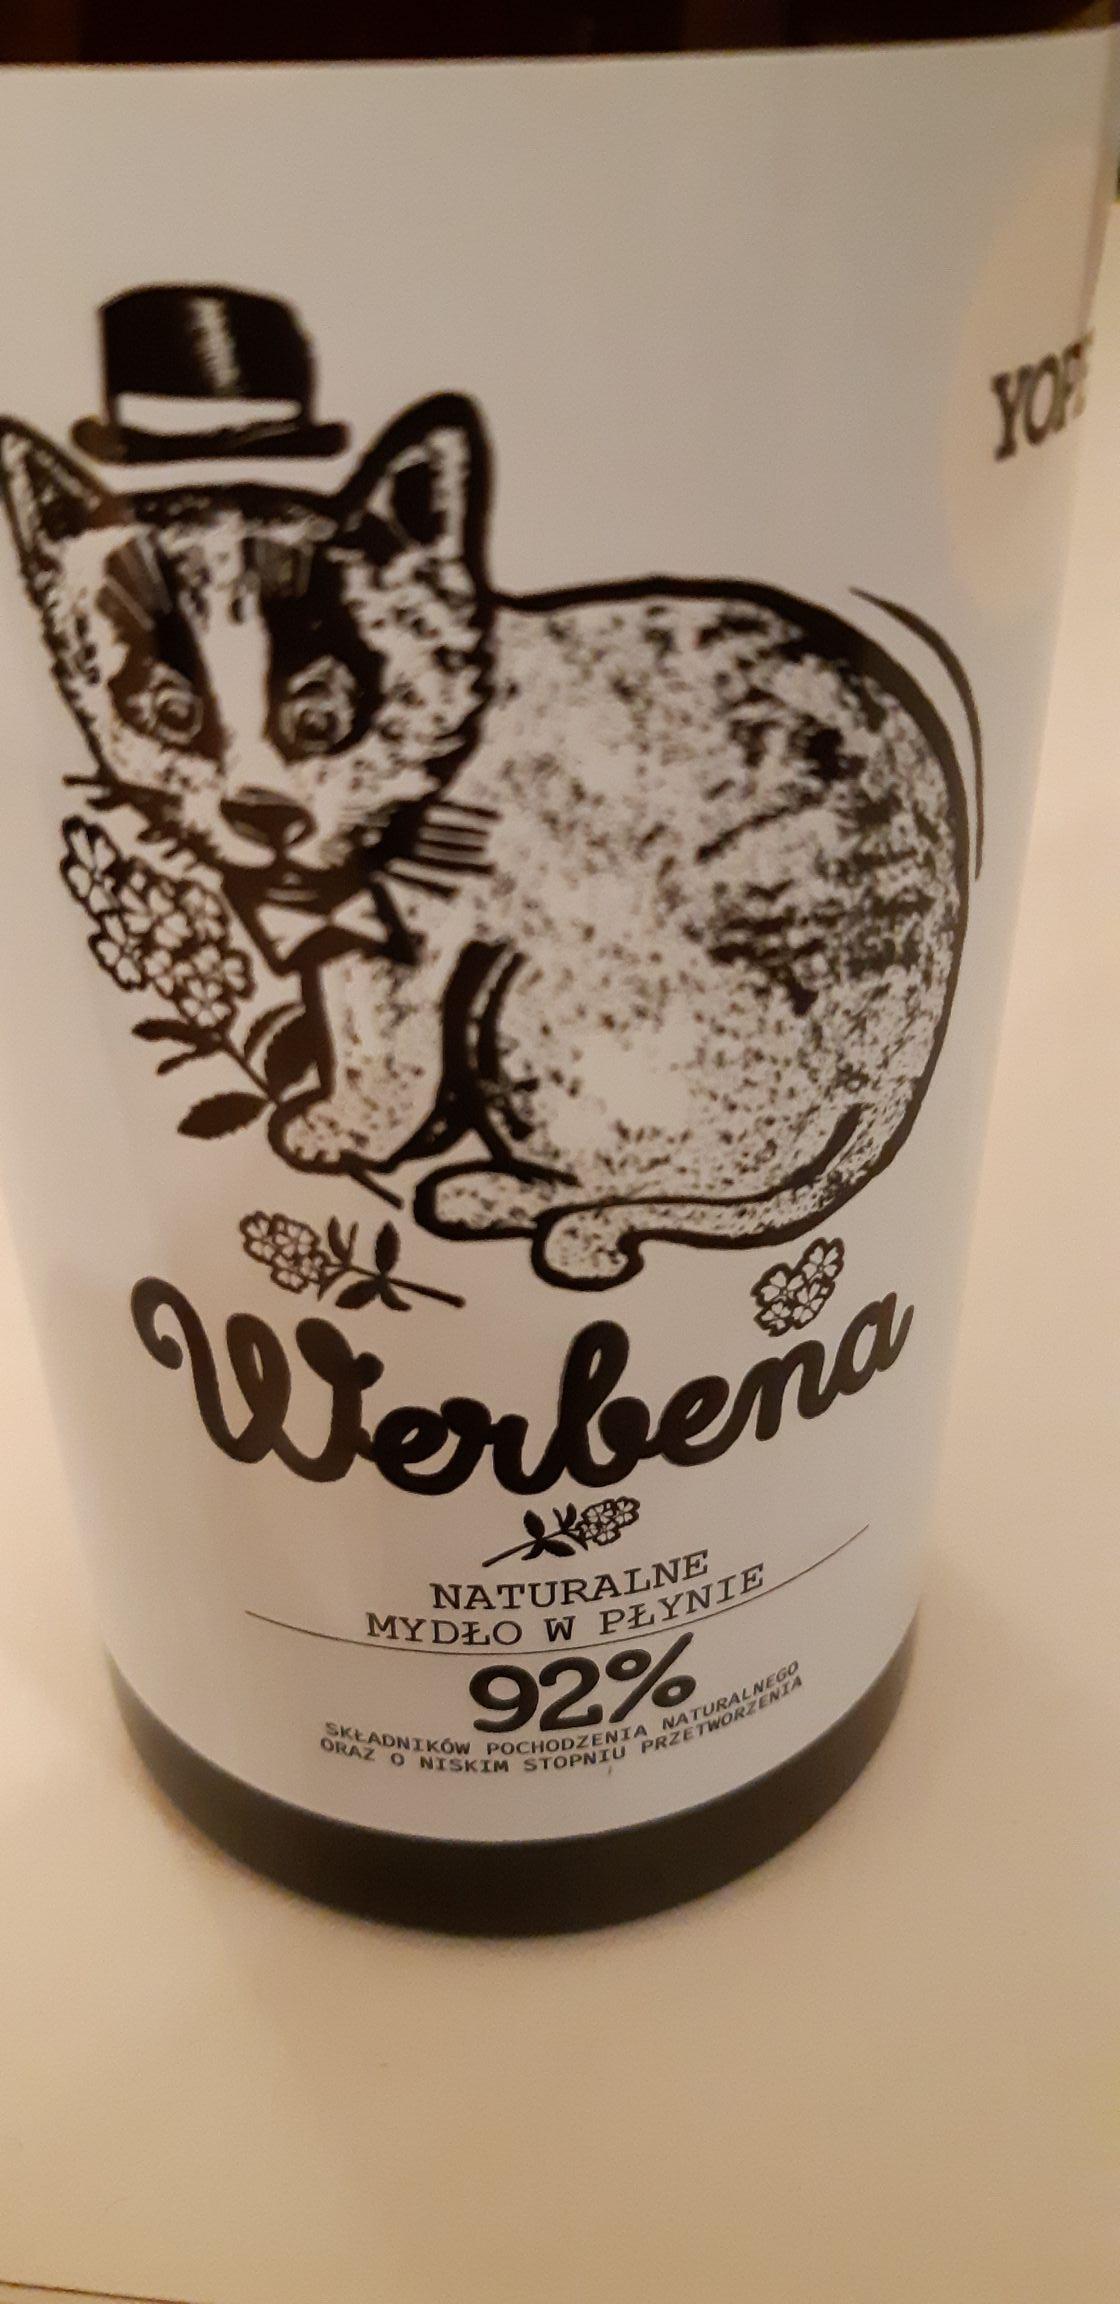 Mydło w płynie Yope Werbena @HEBE - możliwa cena 5,66!